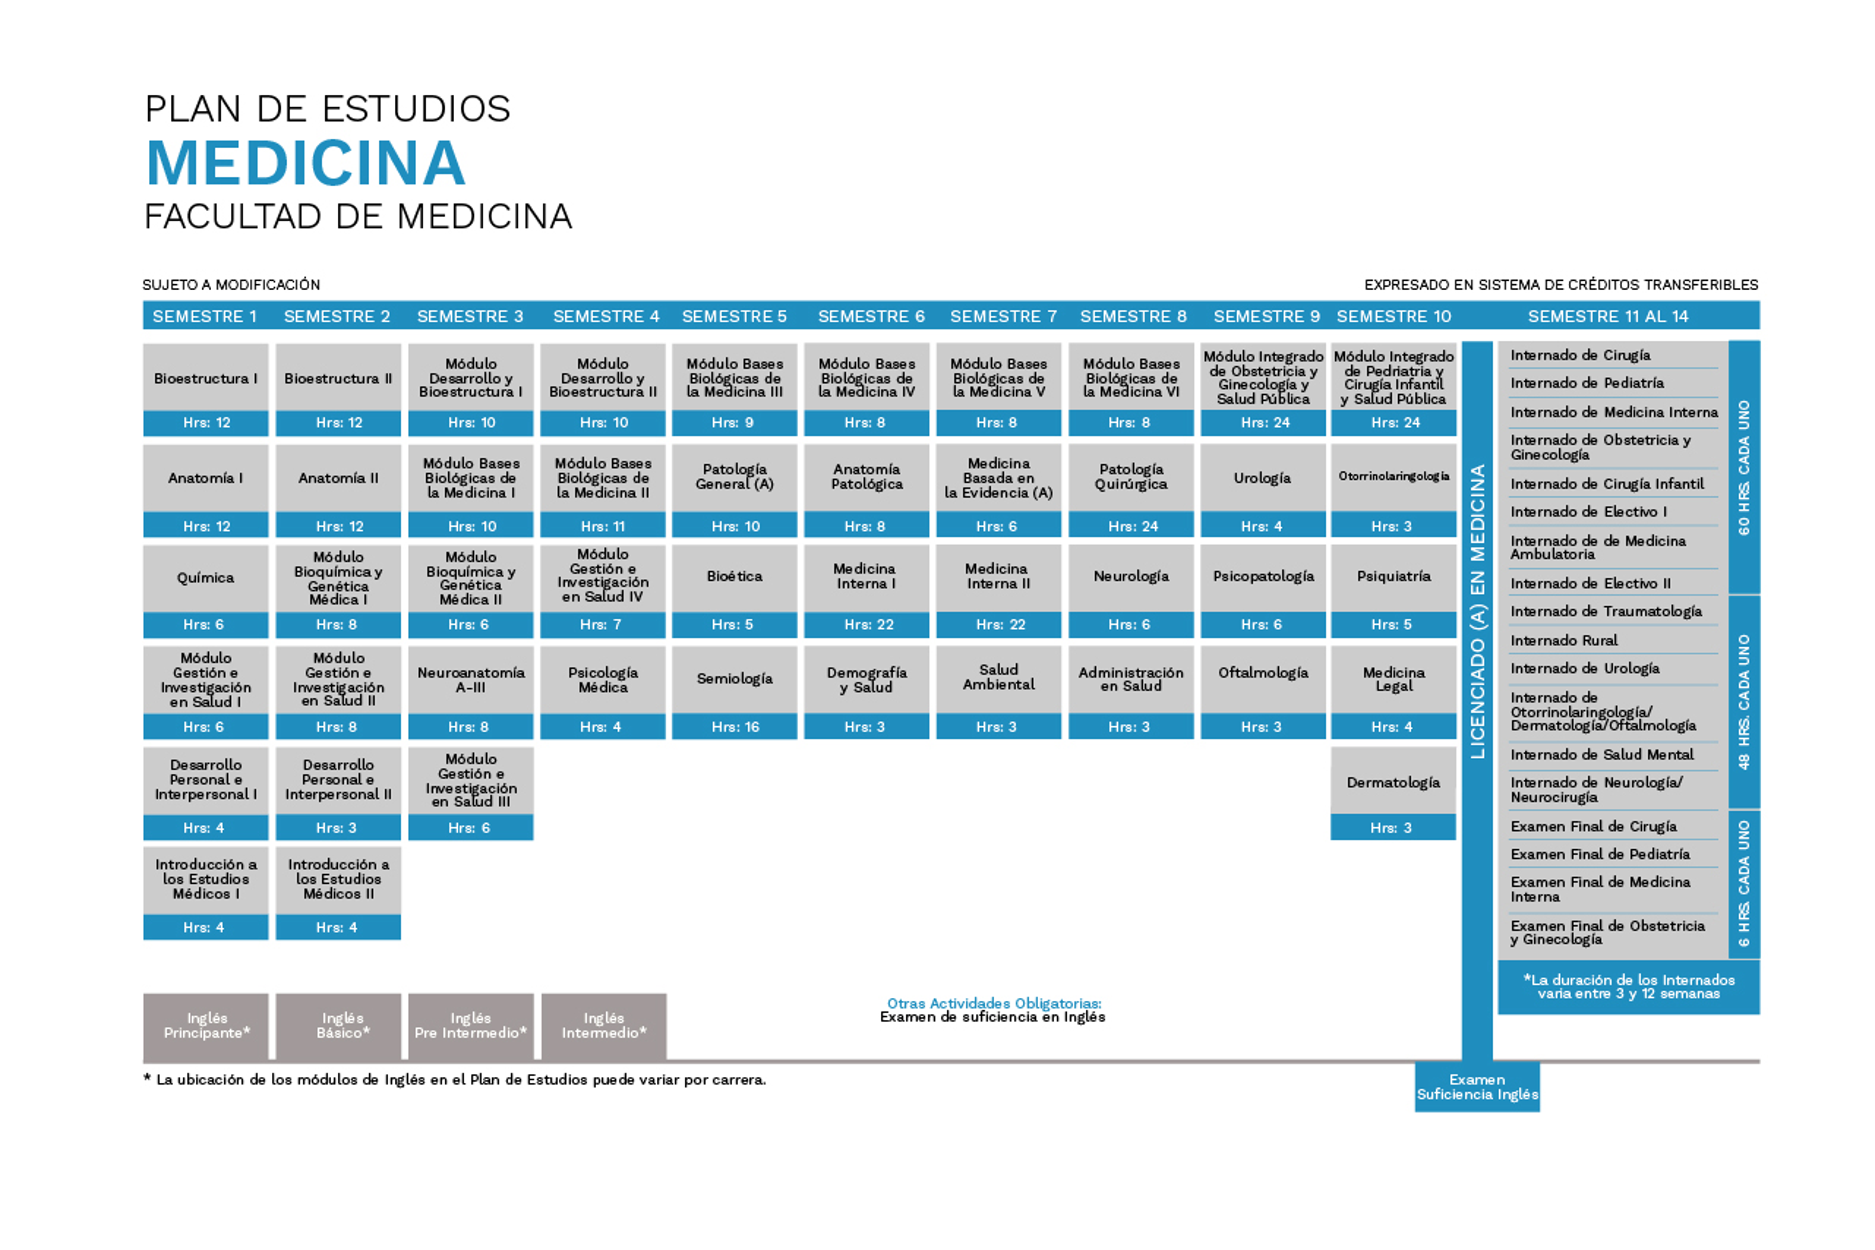 Plan de Estudios Medicina Universidad de La Frontera